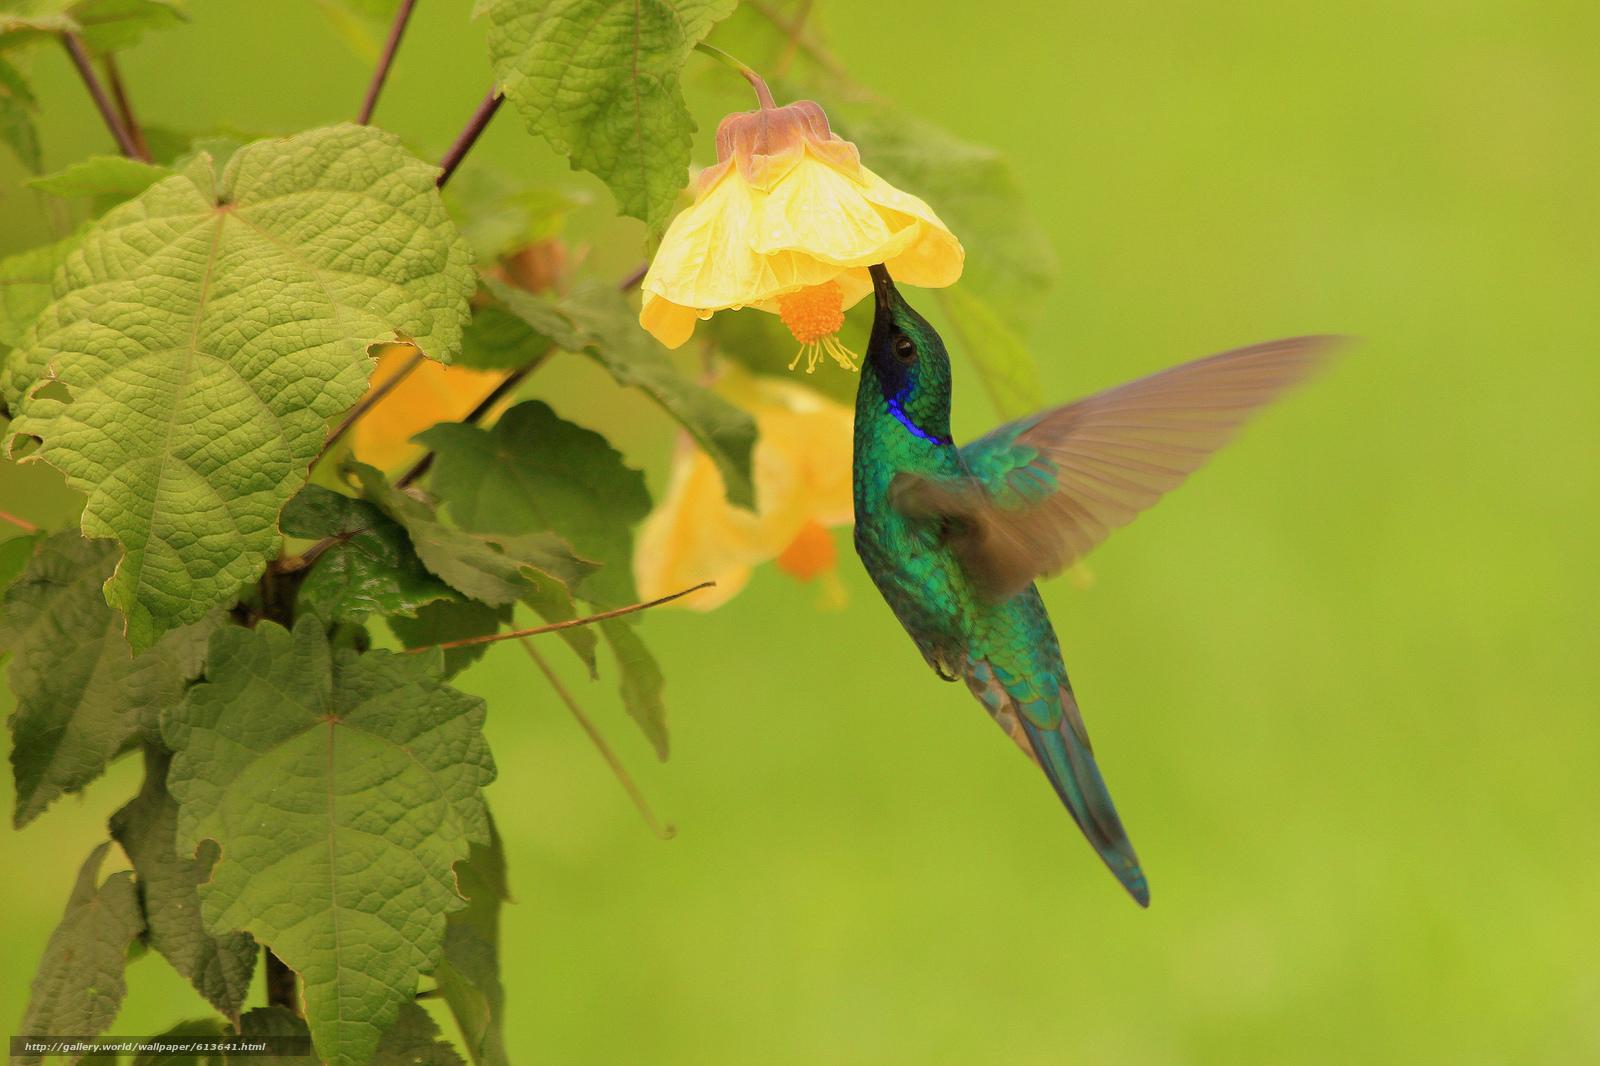 Скачать обои колибри,  птица,  цветок,  листья бесплатно для рабочего стола в разрешении 2048x1365 — картинка №613641